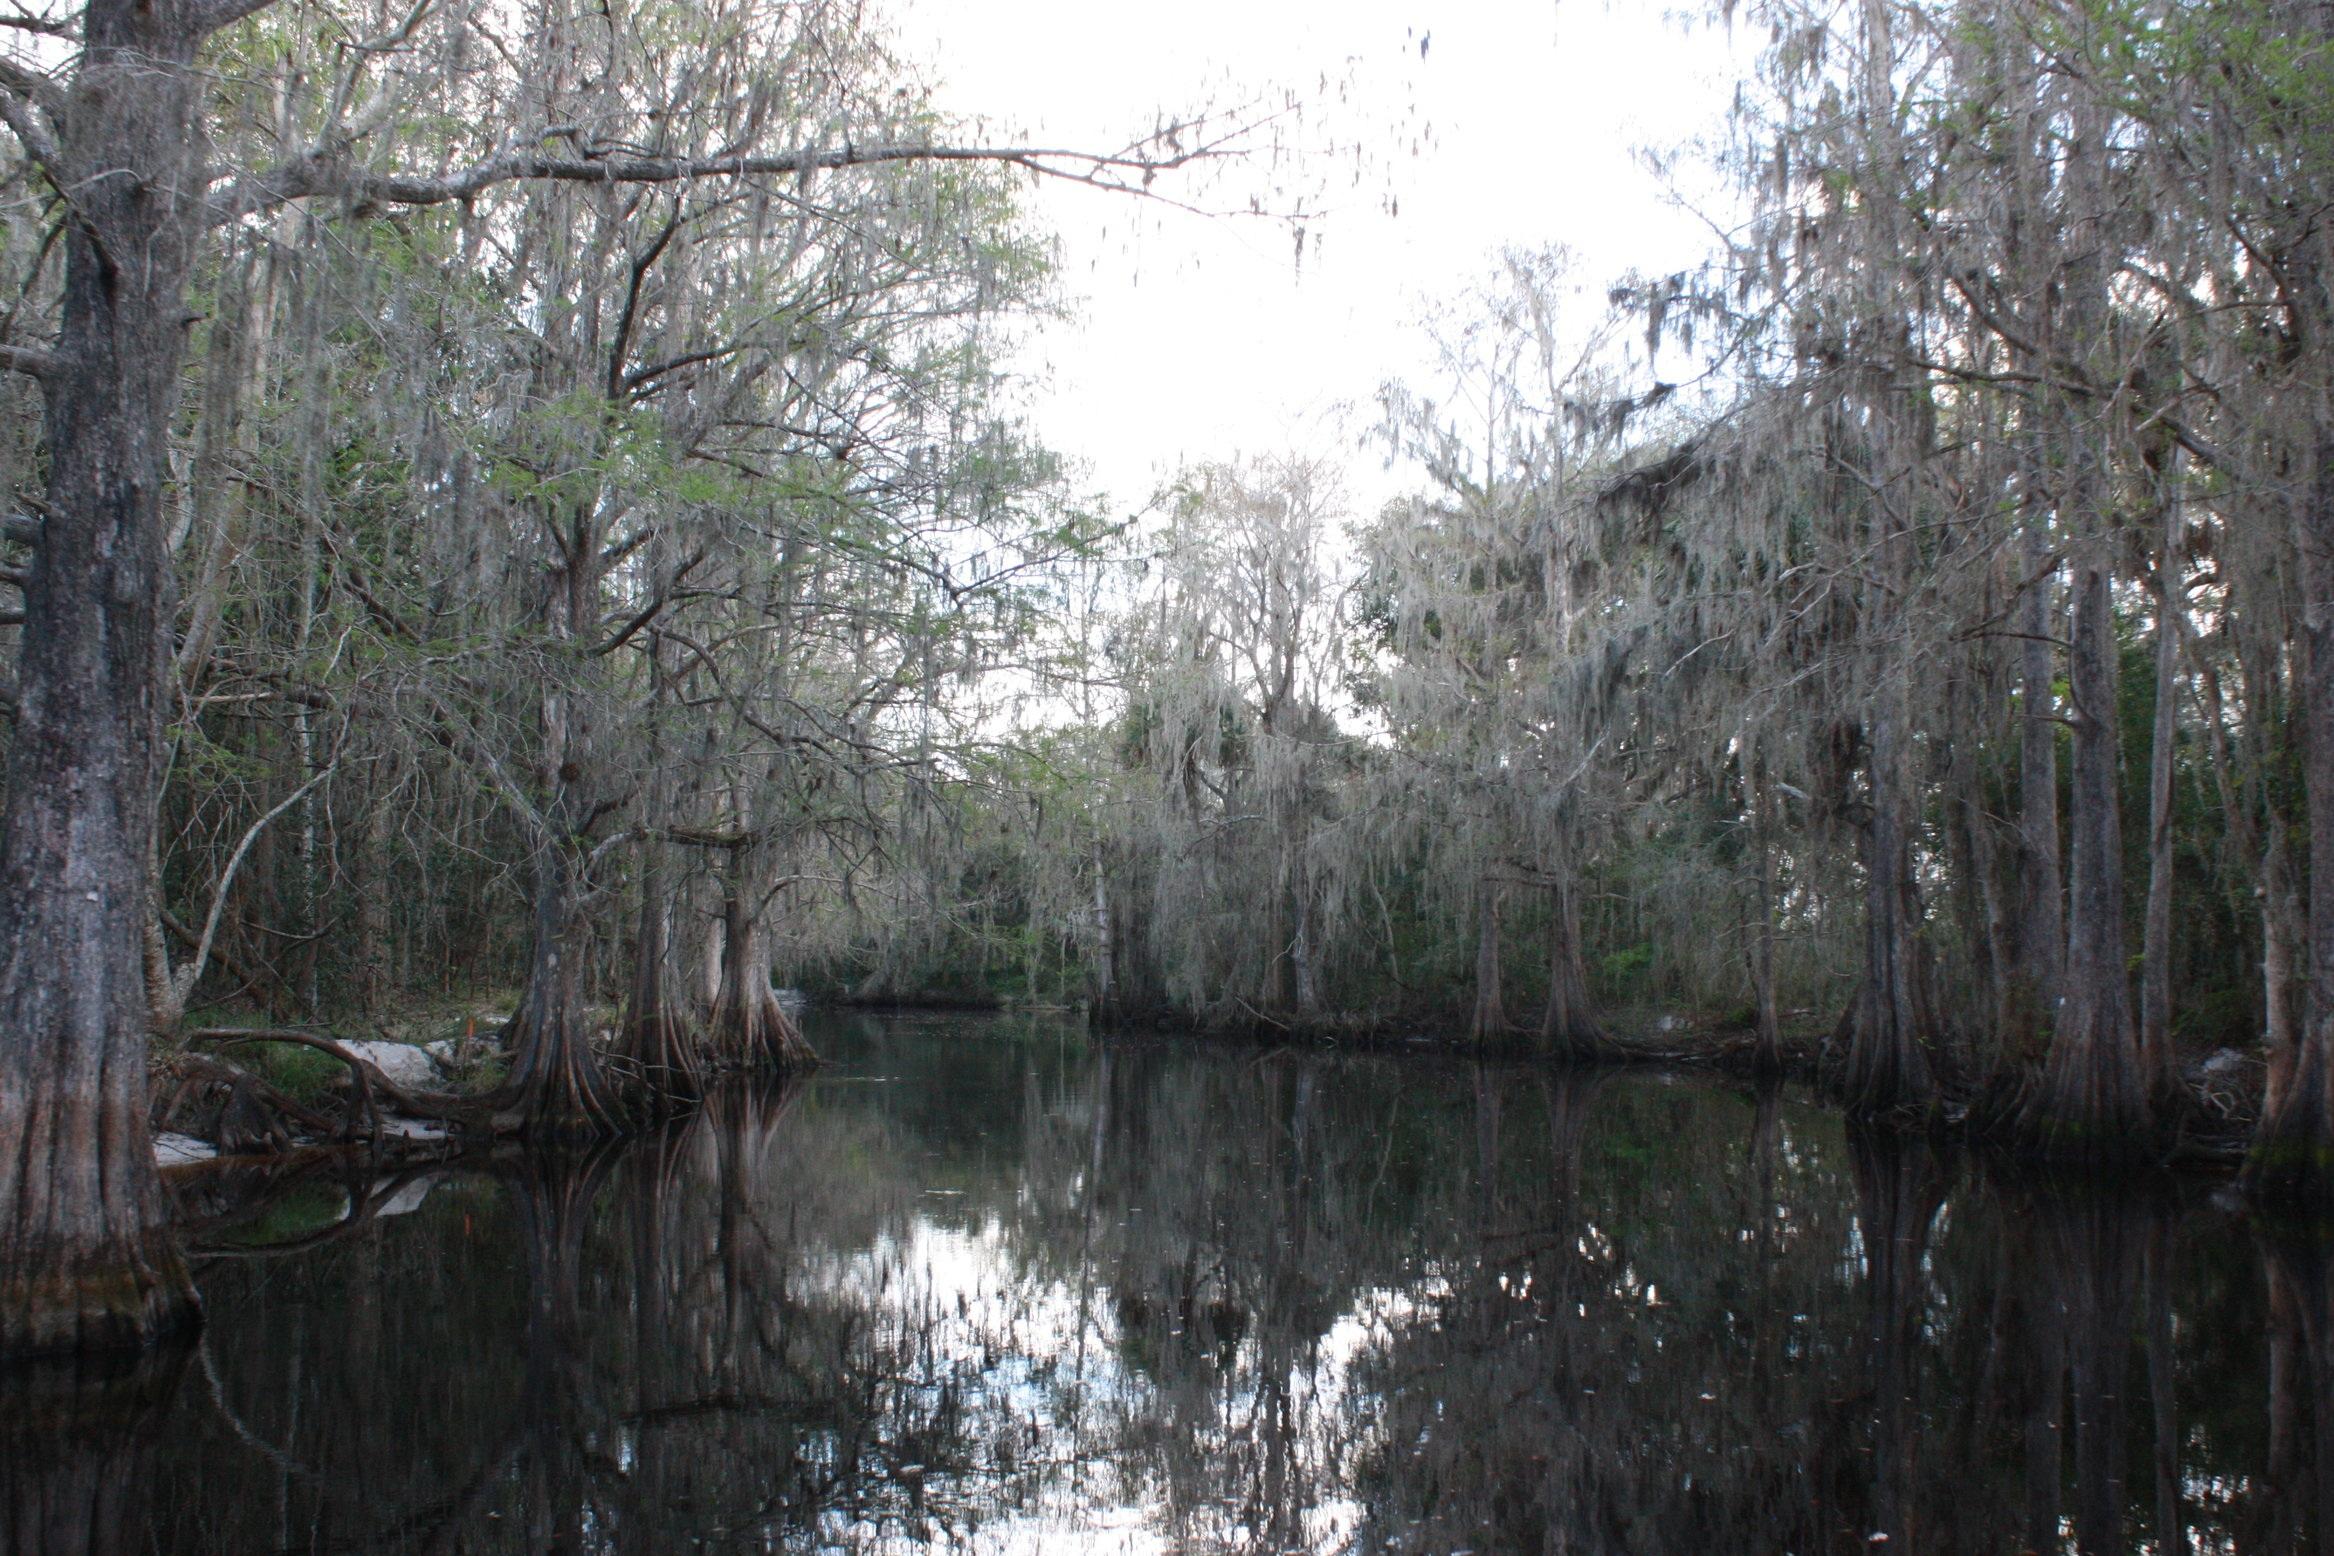 Shingle Creek (photo, (c) 2019 Christi Kapp